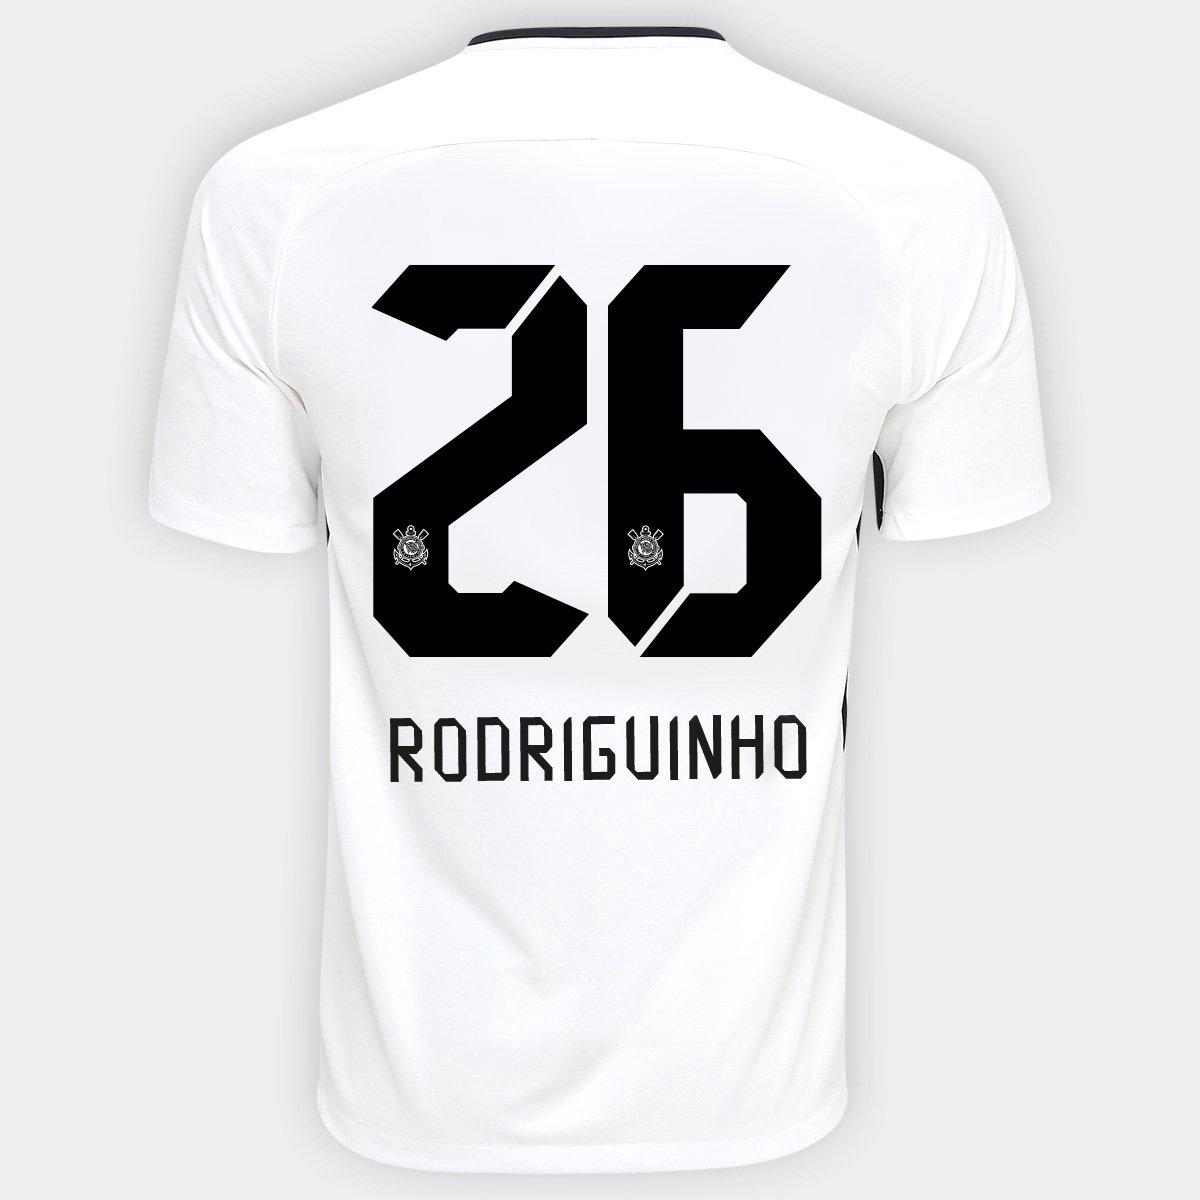 3bbff123c6 Camisa Nike Corinthians I 17 18 nº 26 - Rodriguinho - Compre Agora ...